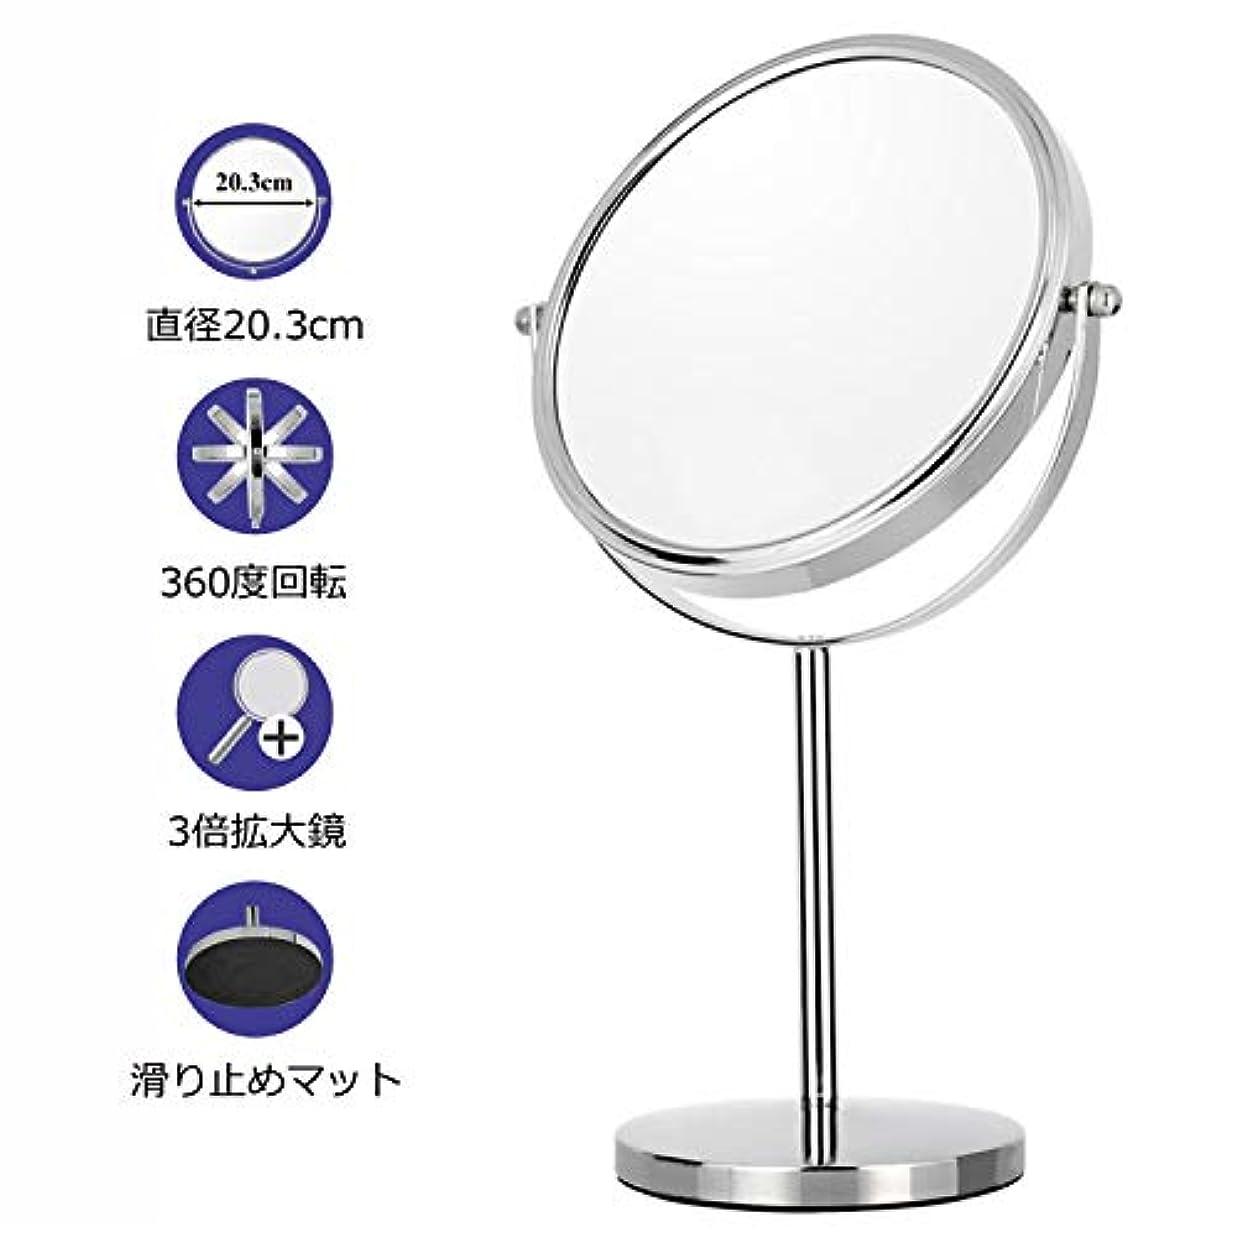 バック症候群うめき声鏡 卓上 拡大鏡付き 3倍卓上鏡 真実の両面鏡 浴室鏡 ミラー 360度回転 スタンドミラー クロム 鏡 (鏡面23.2cm)